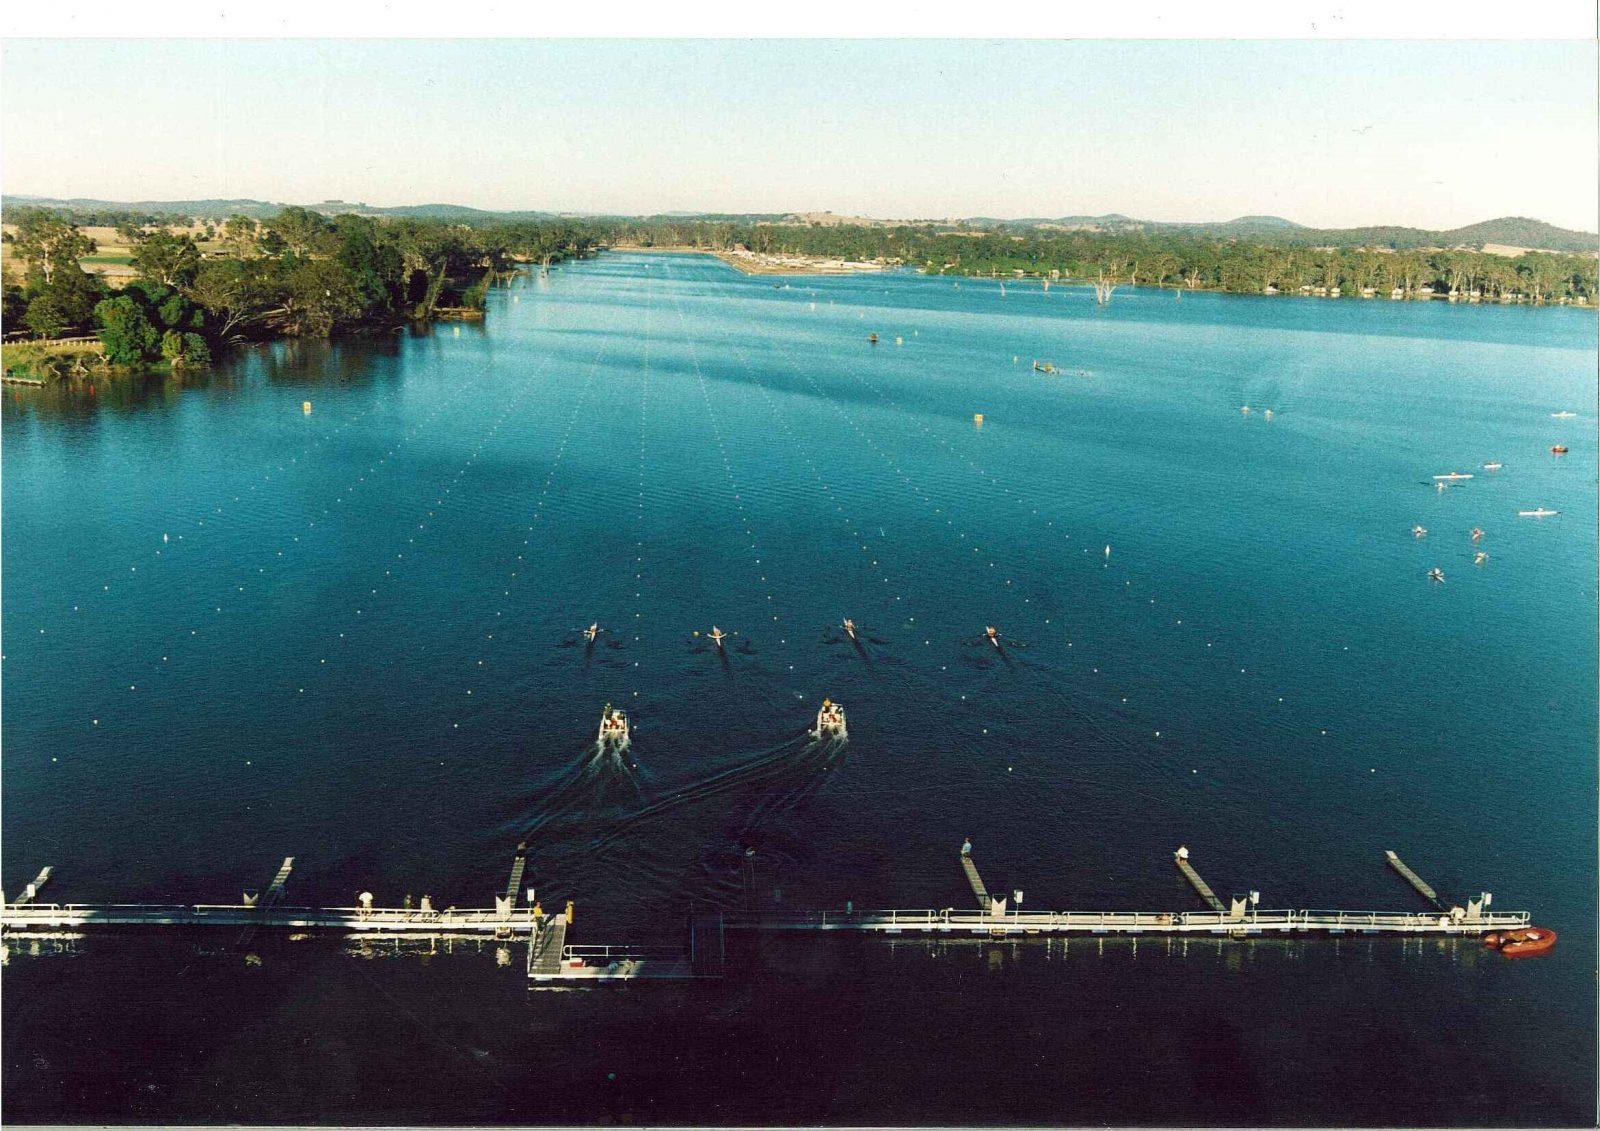 Nagambie Lakes Regatta Centre